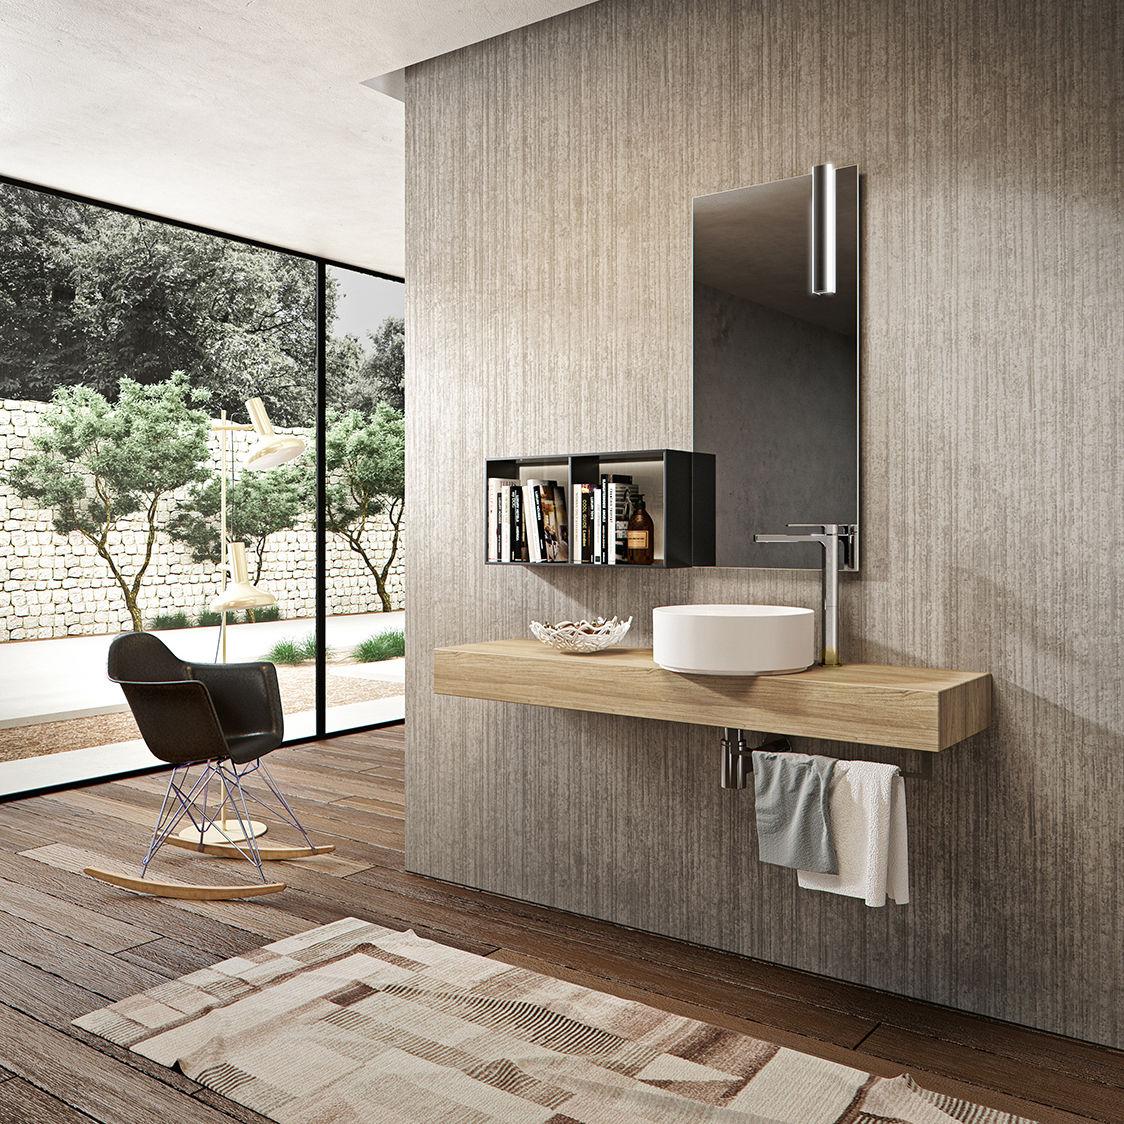 Piano lavabo in legno - GIUNONE - Agorà Group